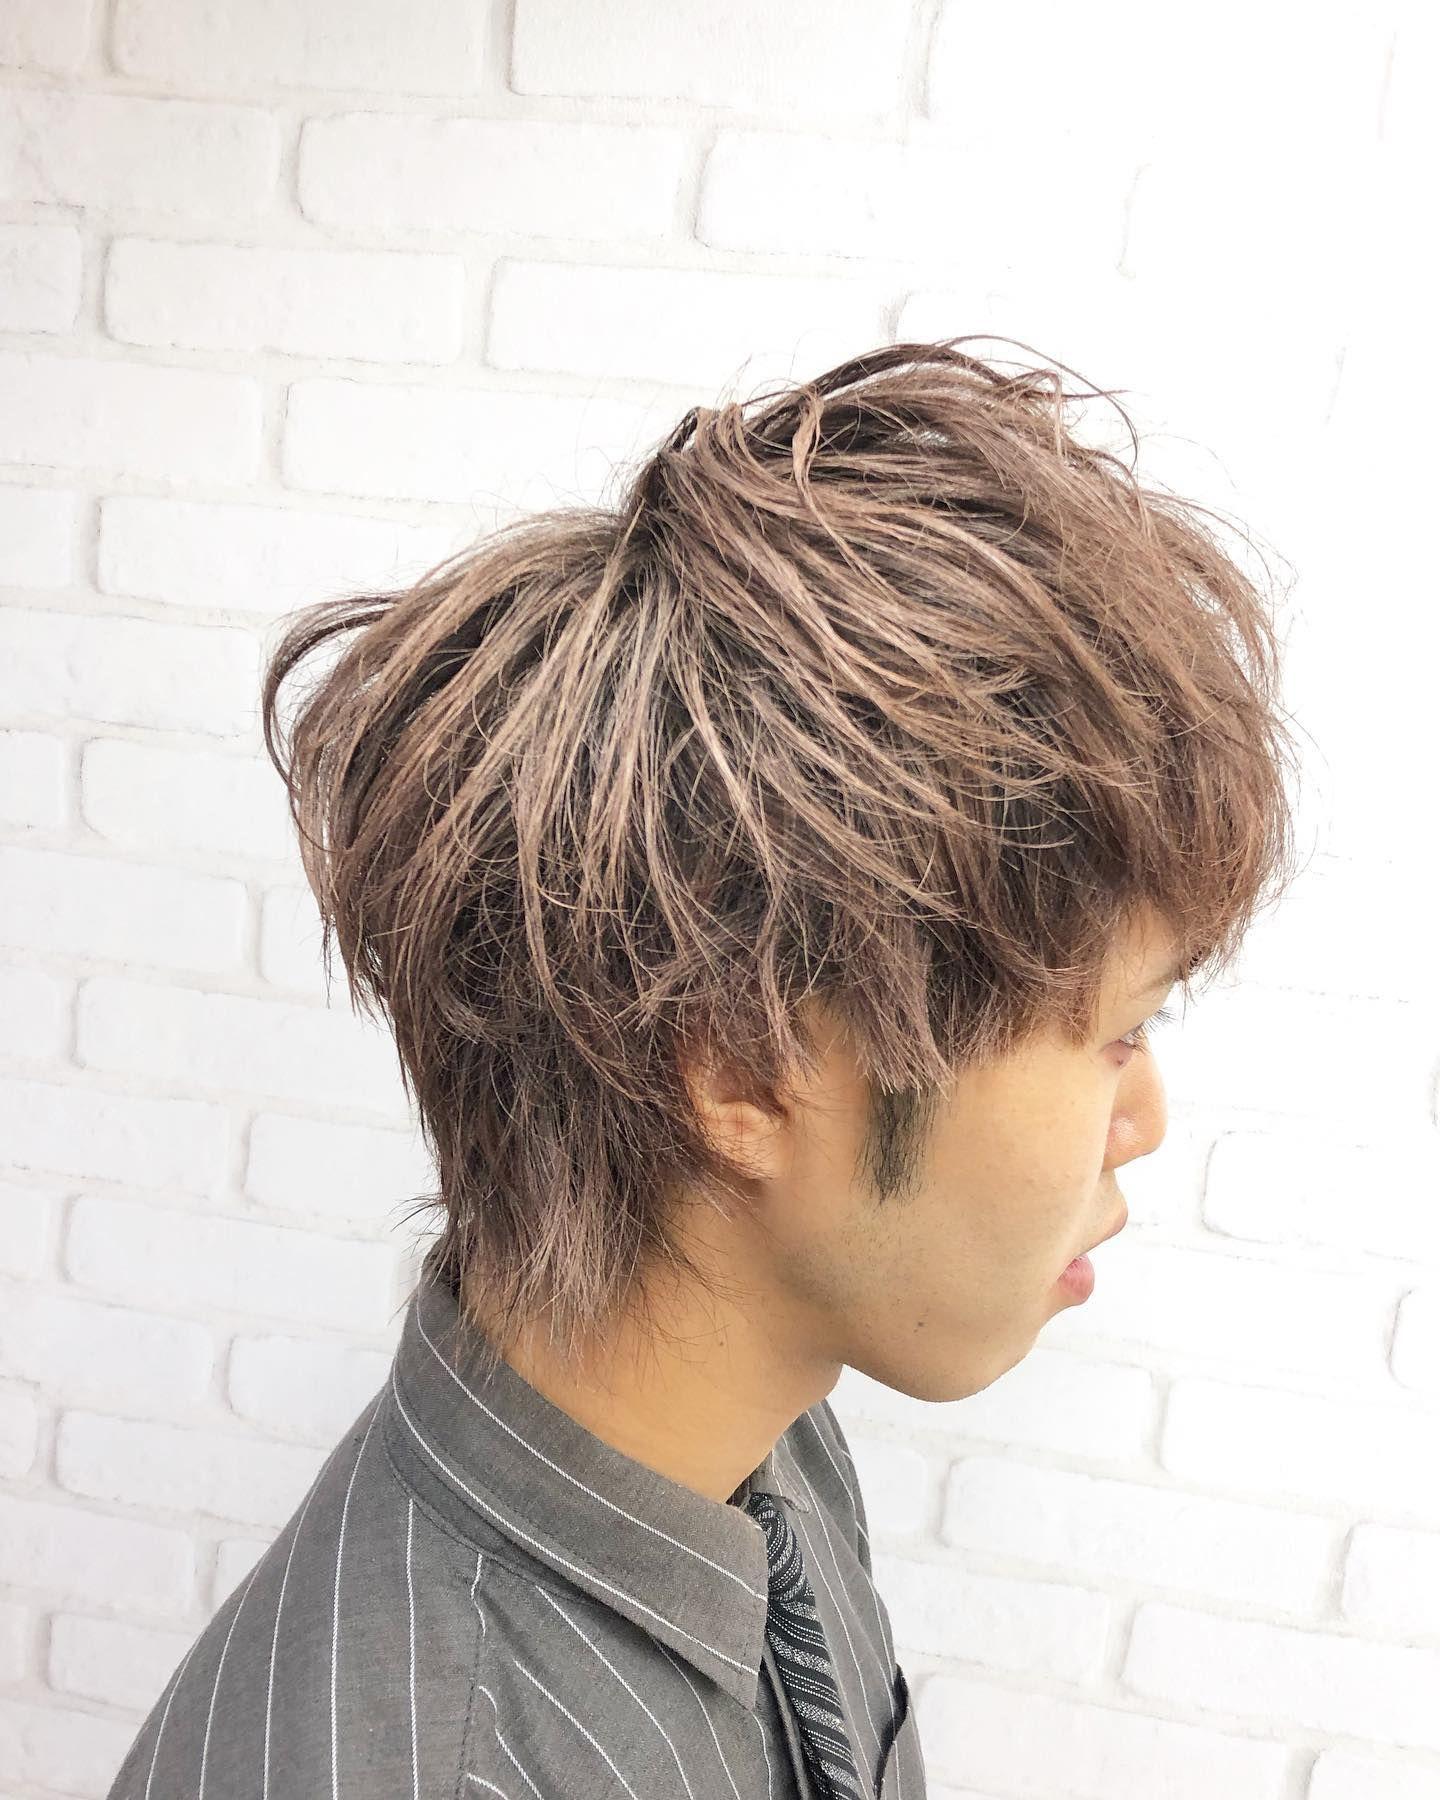 エマジニーカラーワックス Gシリーズ 新色ミルクティーアッシュ 全国だと神奈川の美容室aizuさんで先行販売中 メンズばかりだと思われがちですが レディースもできちゃいますよ 日本で唯一の公式emajiny アンバサダー エマジニスト Keita57